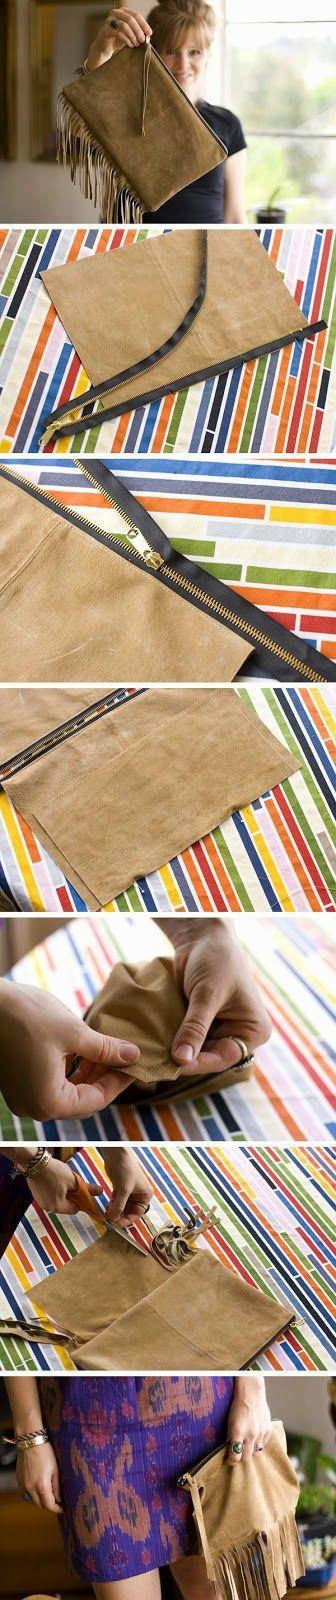 DICA DE COSTURA DE FIFIA: bolsa de tecido                                                                                                                                                                                 Mais